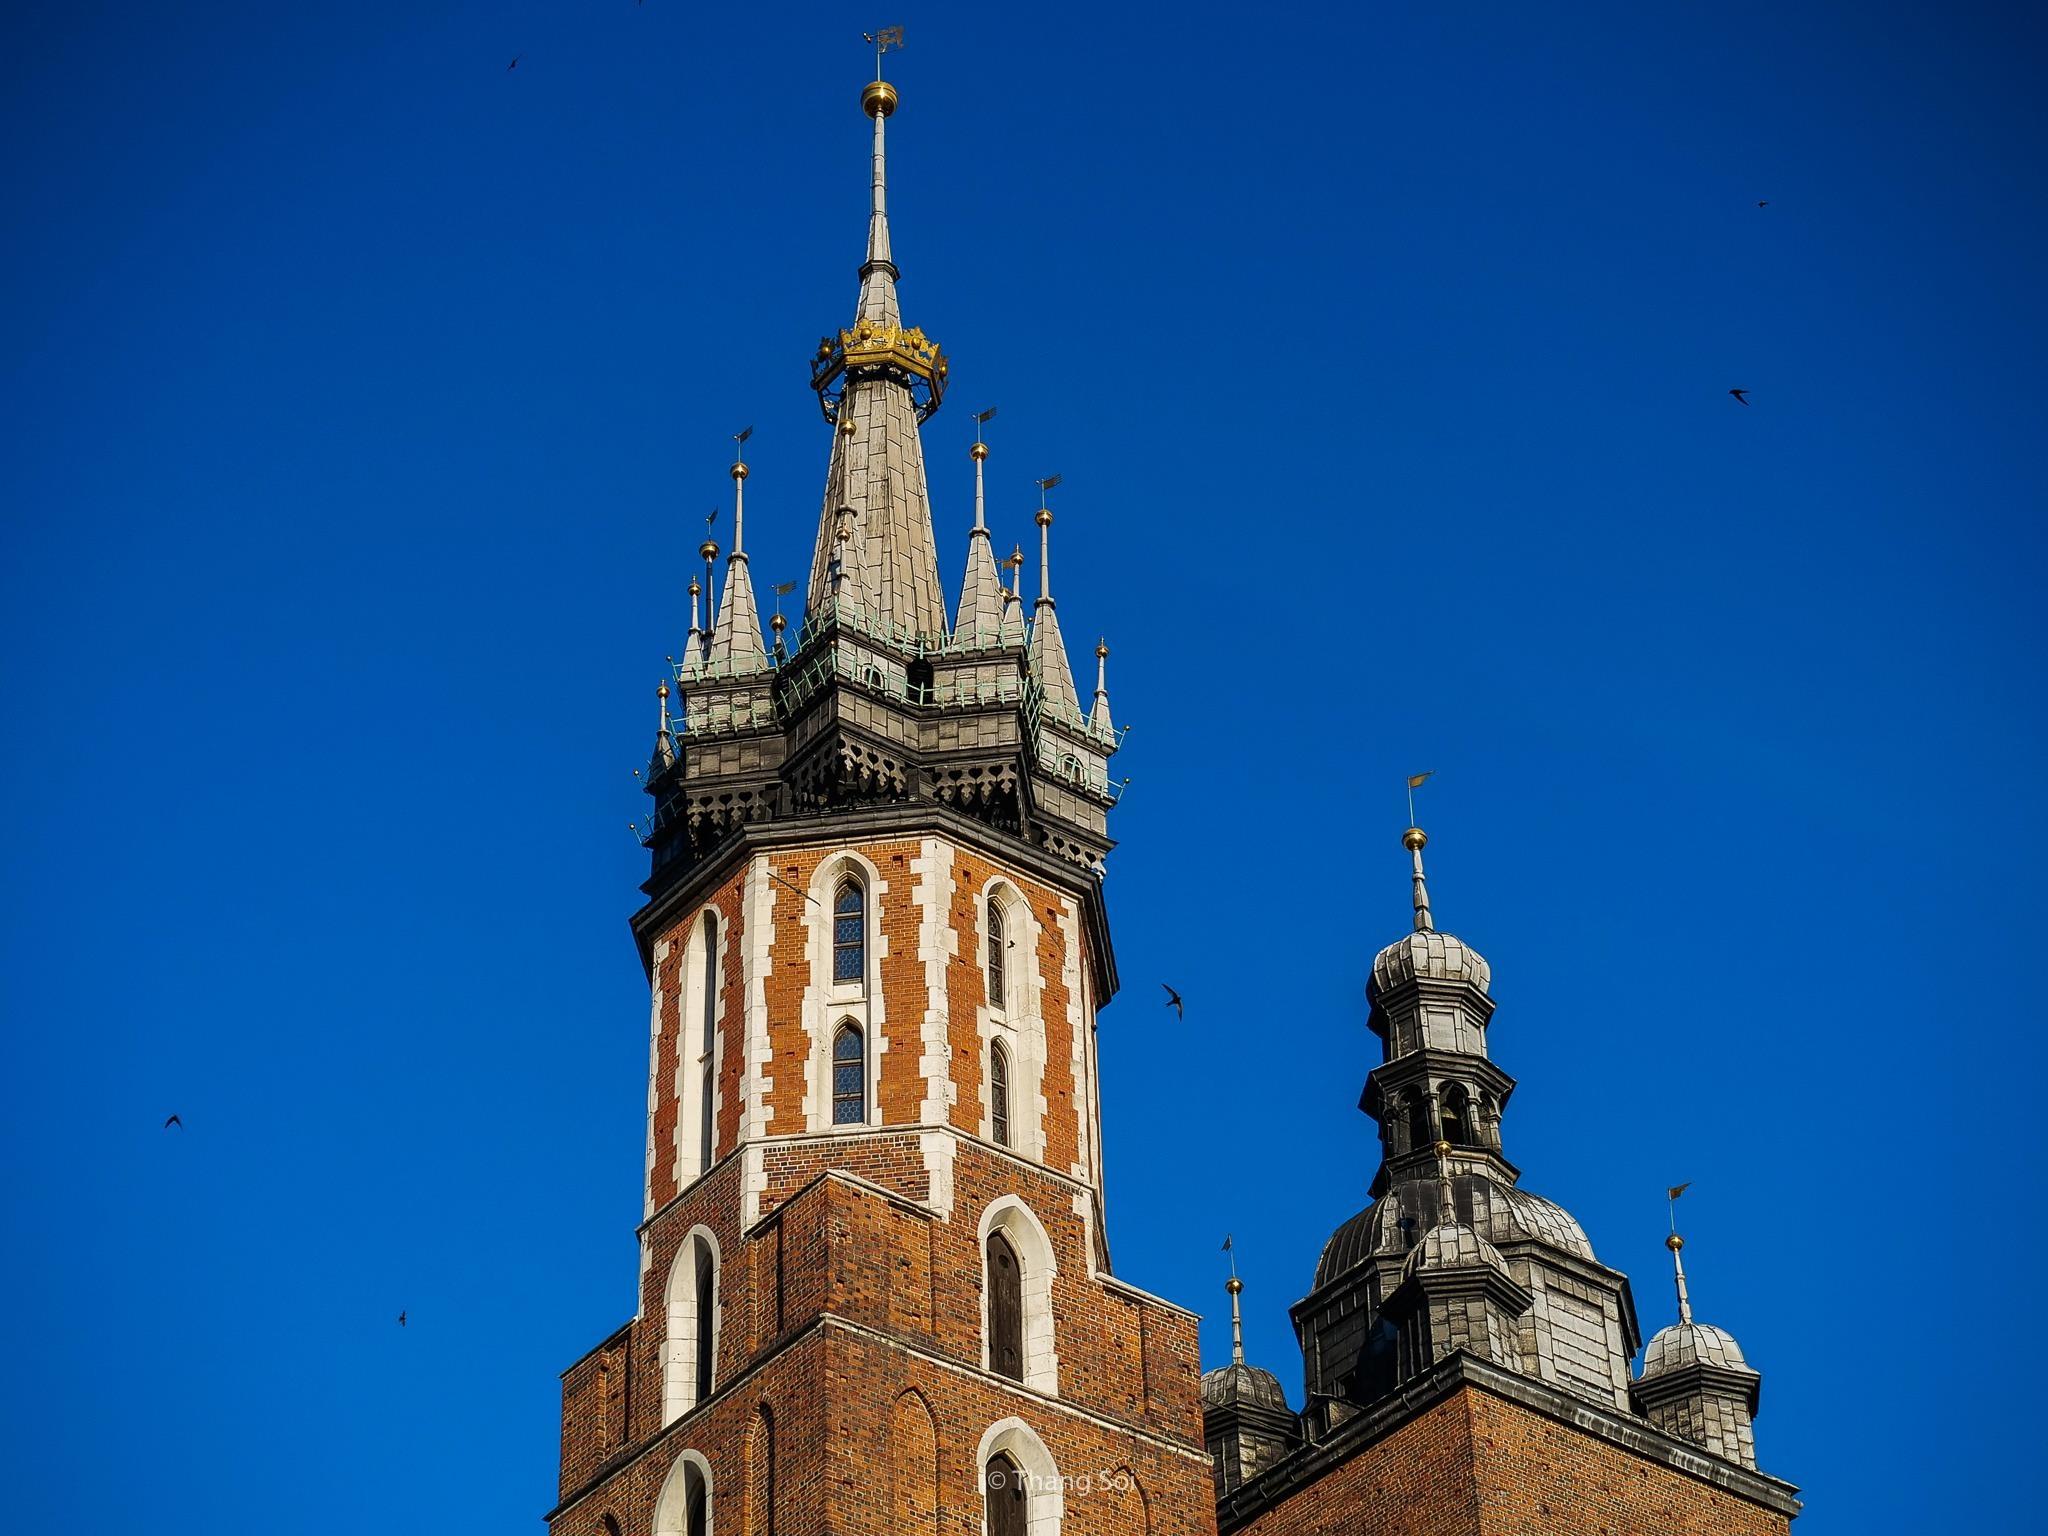 Krakow, kinh do co phai ghe tham khi den Ba Lan hinh anh 44